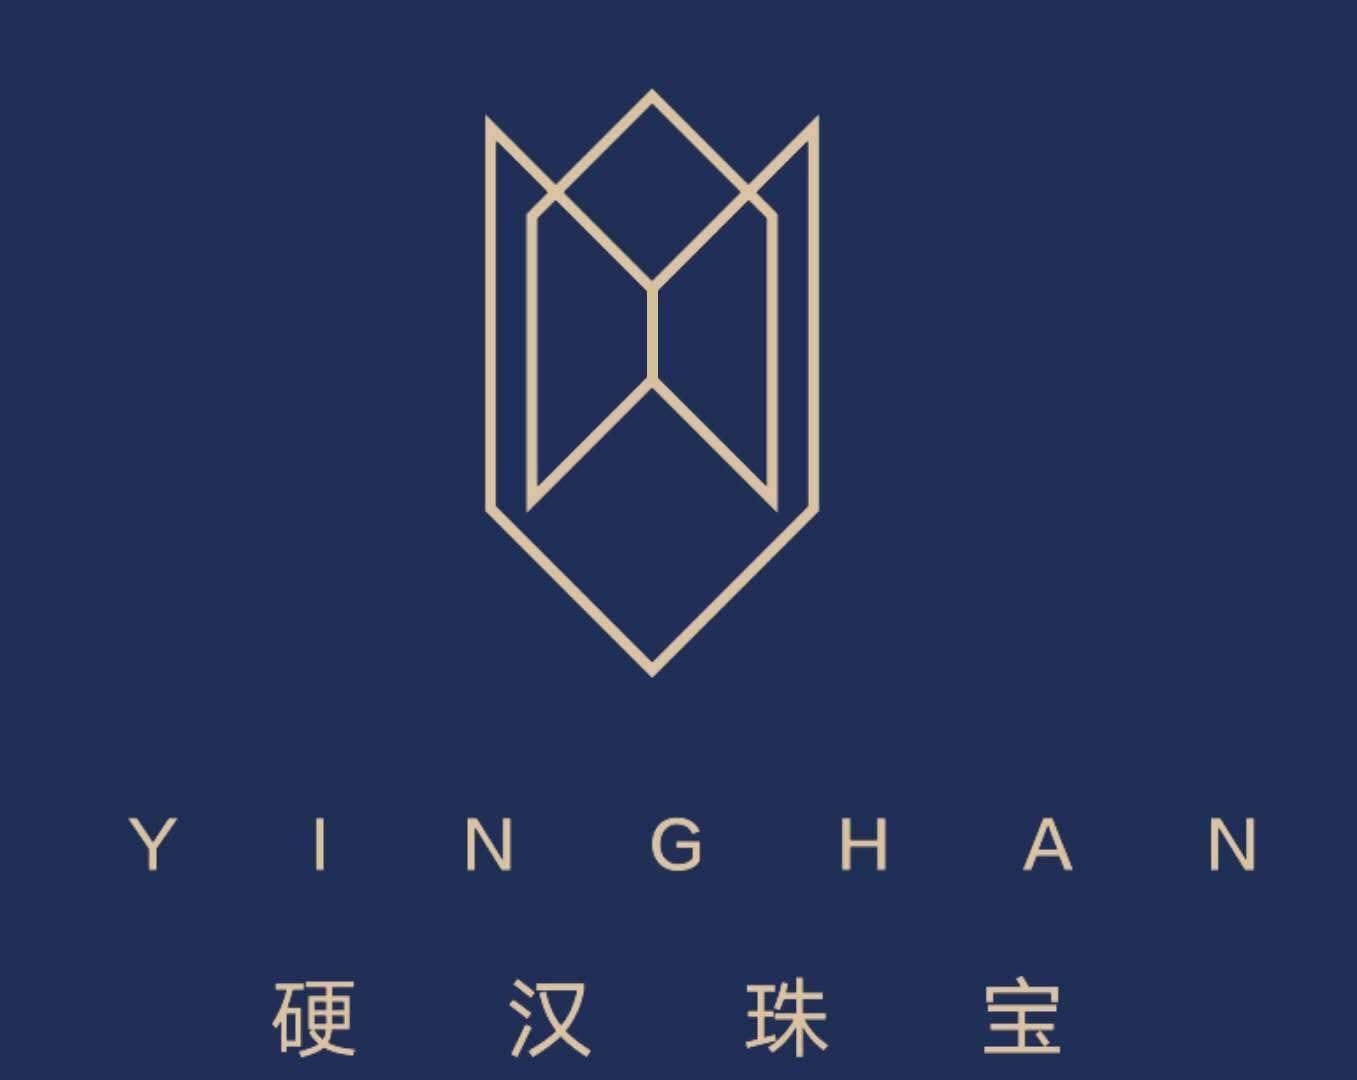 高级男士礼品多少钱 知名男士珠宝品牌网站 广东硬汉珠宝有限公司